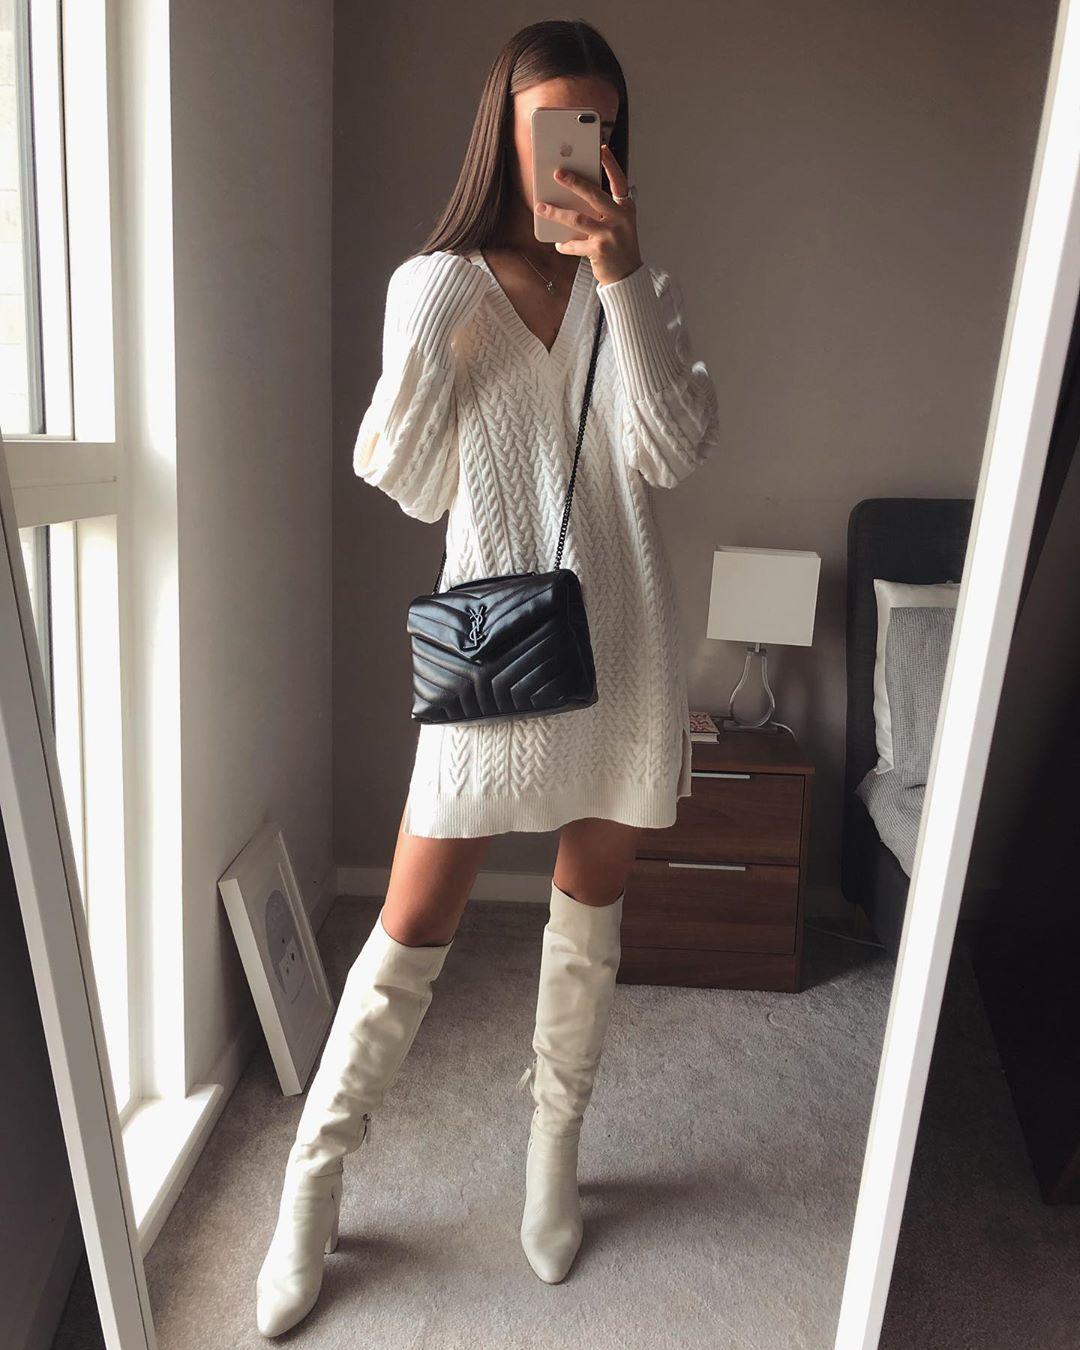 high heeled leather knee high boots de Zara sur whatemwore